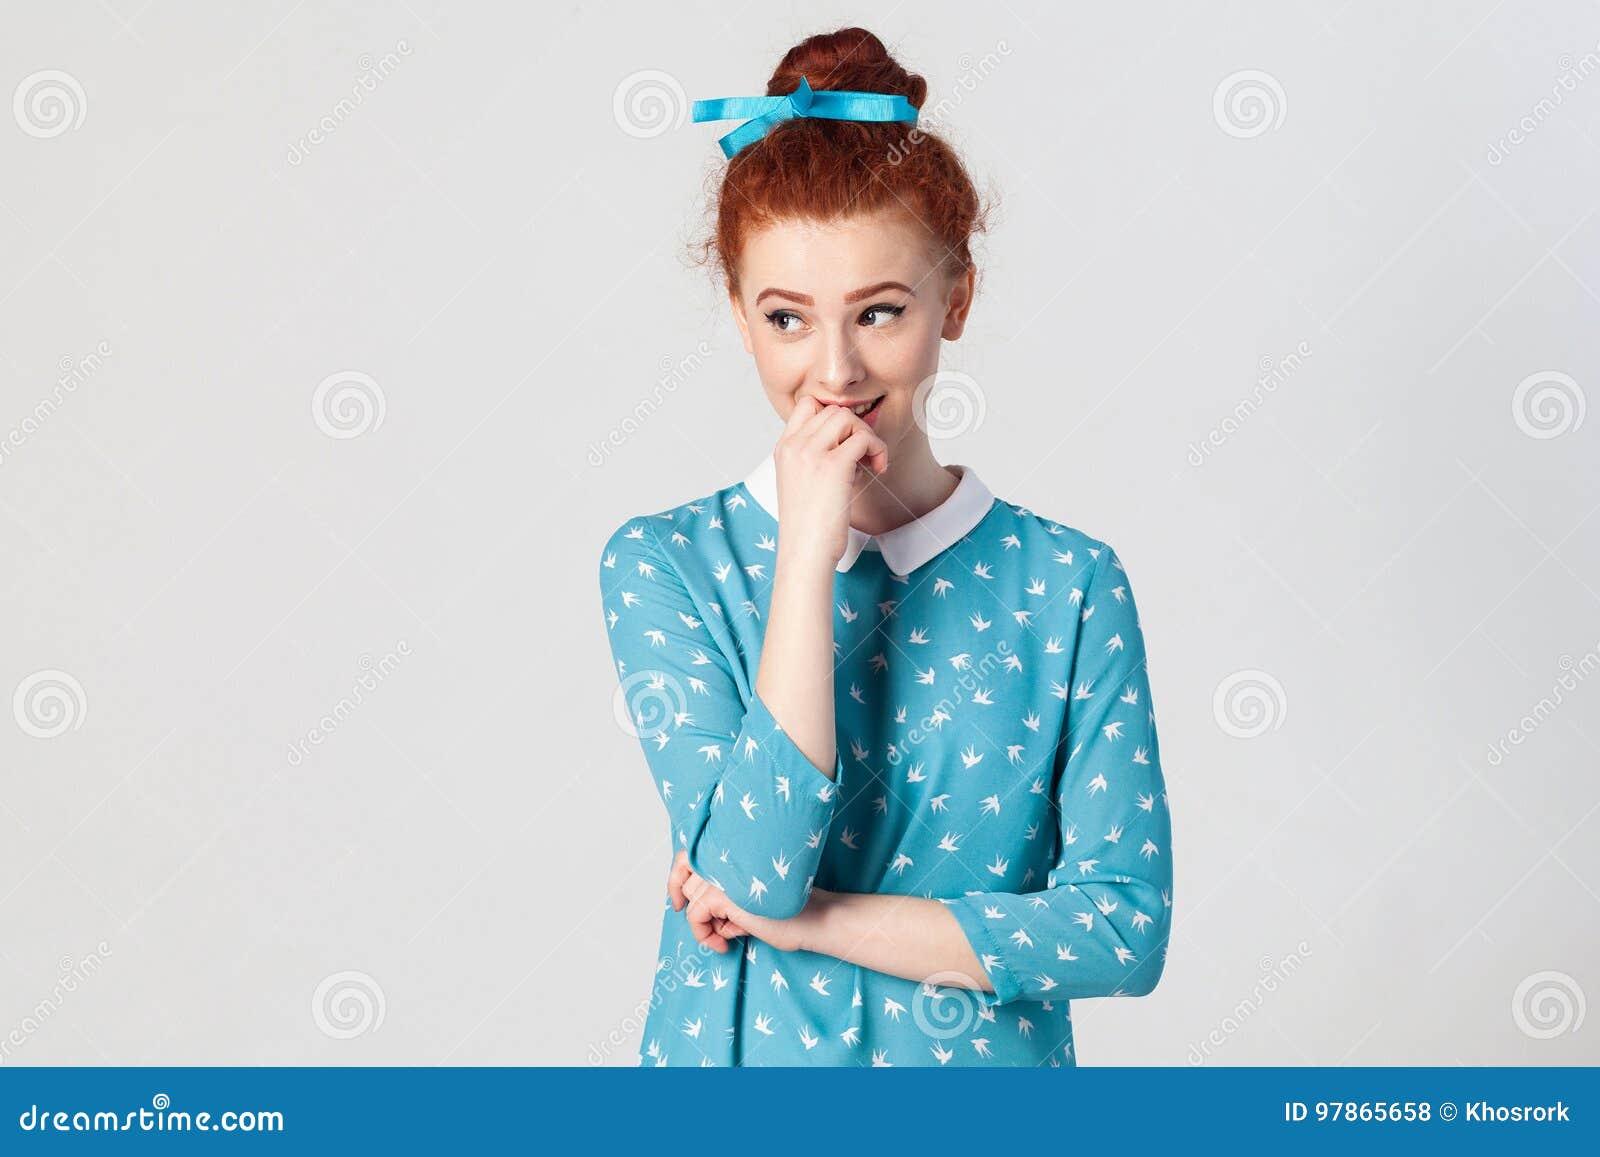 639159bab ... de la juventud y de la dulzura Retrato del modelo femenino del  pelirrojo joven que tiene sonrisa linda tímida